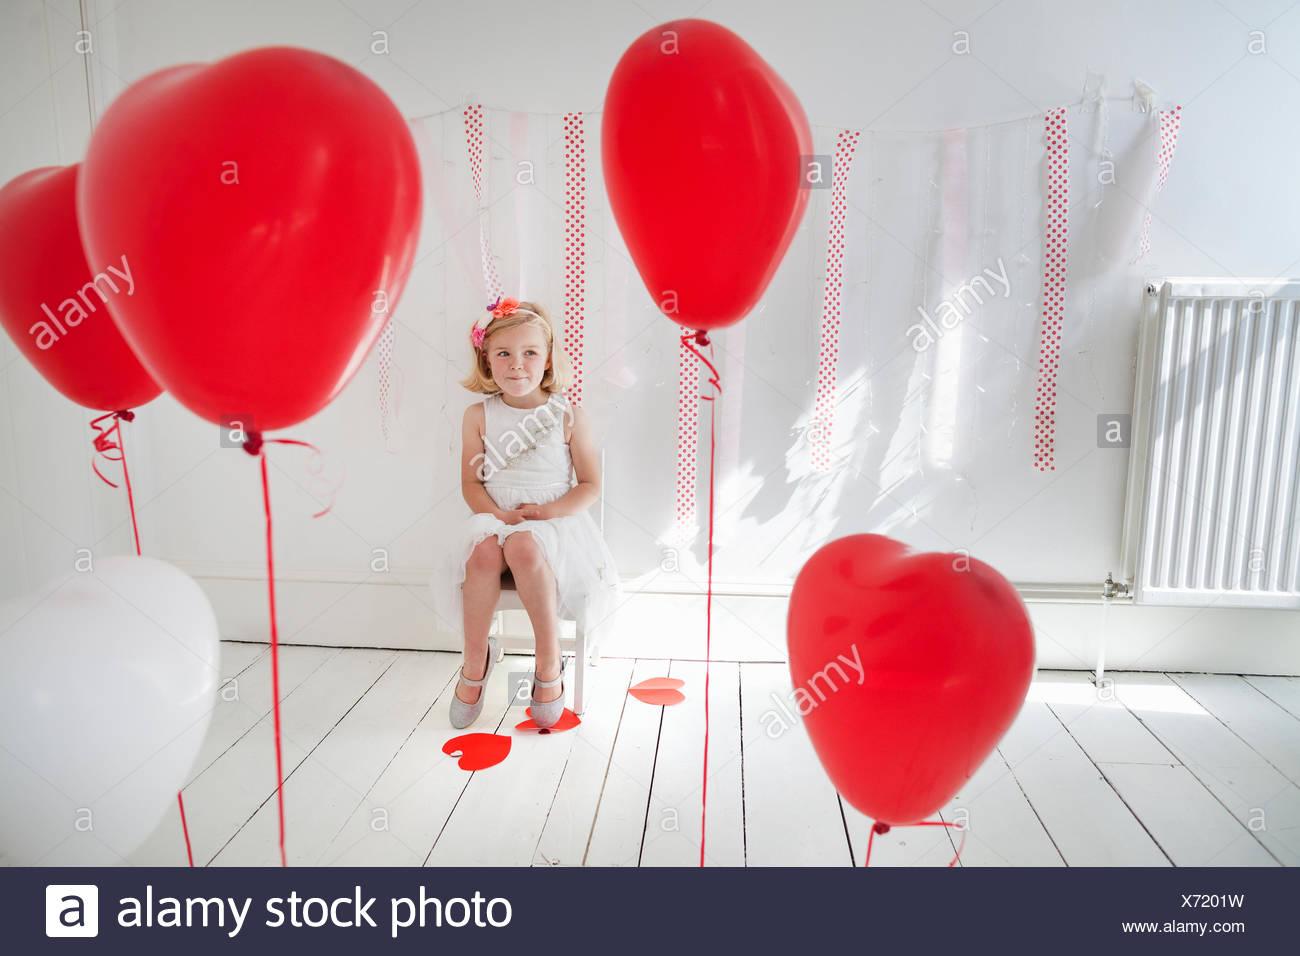 Chica posando para una foto en un estudio del fotógrafo, rodeado de globos rojos. Imagen De Stock